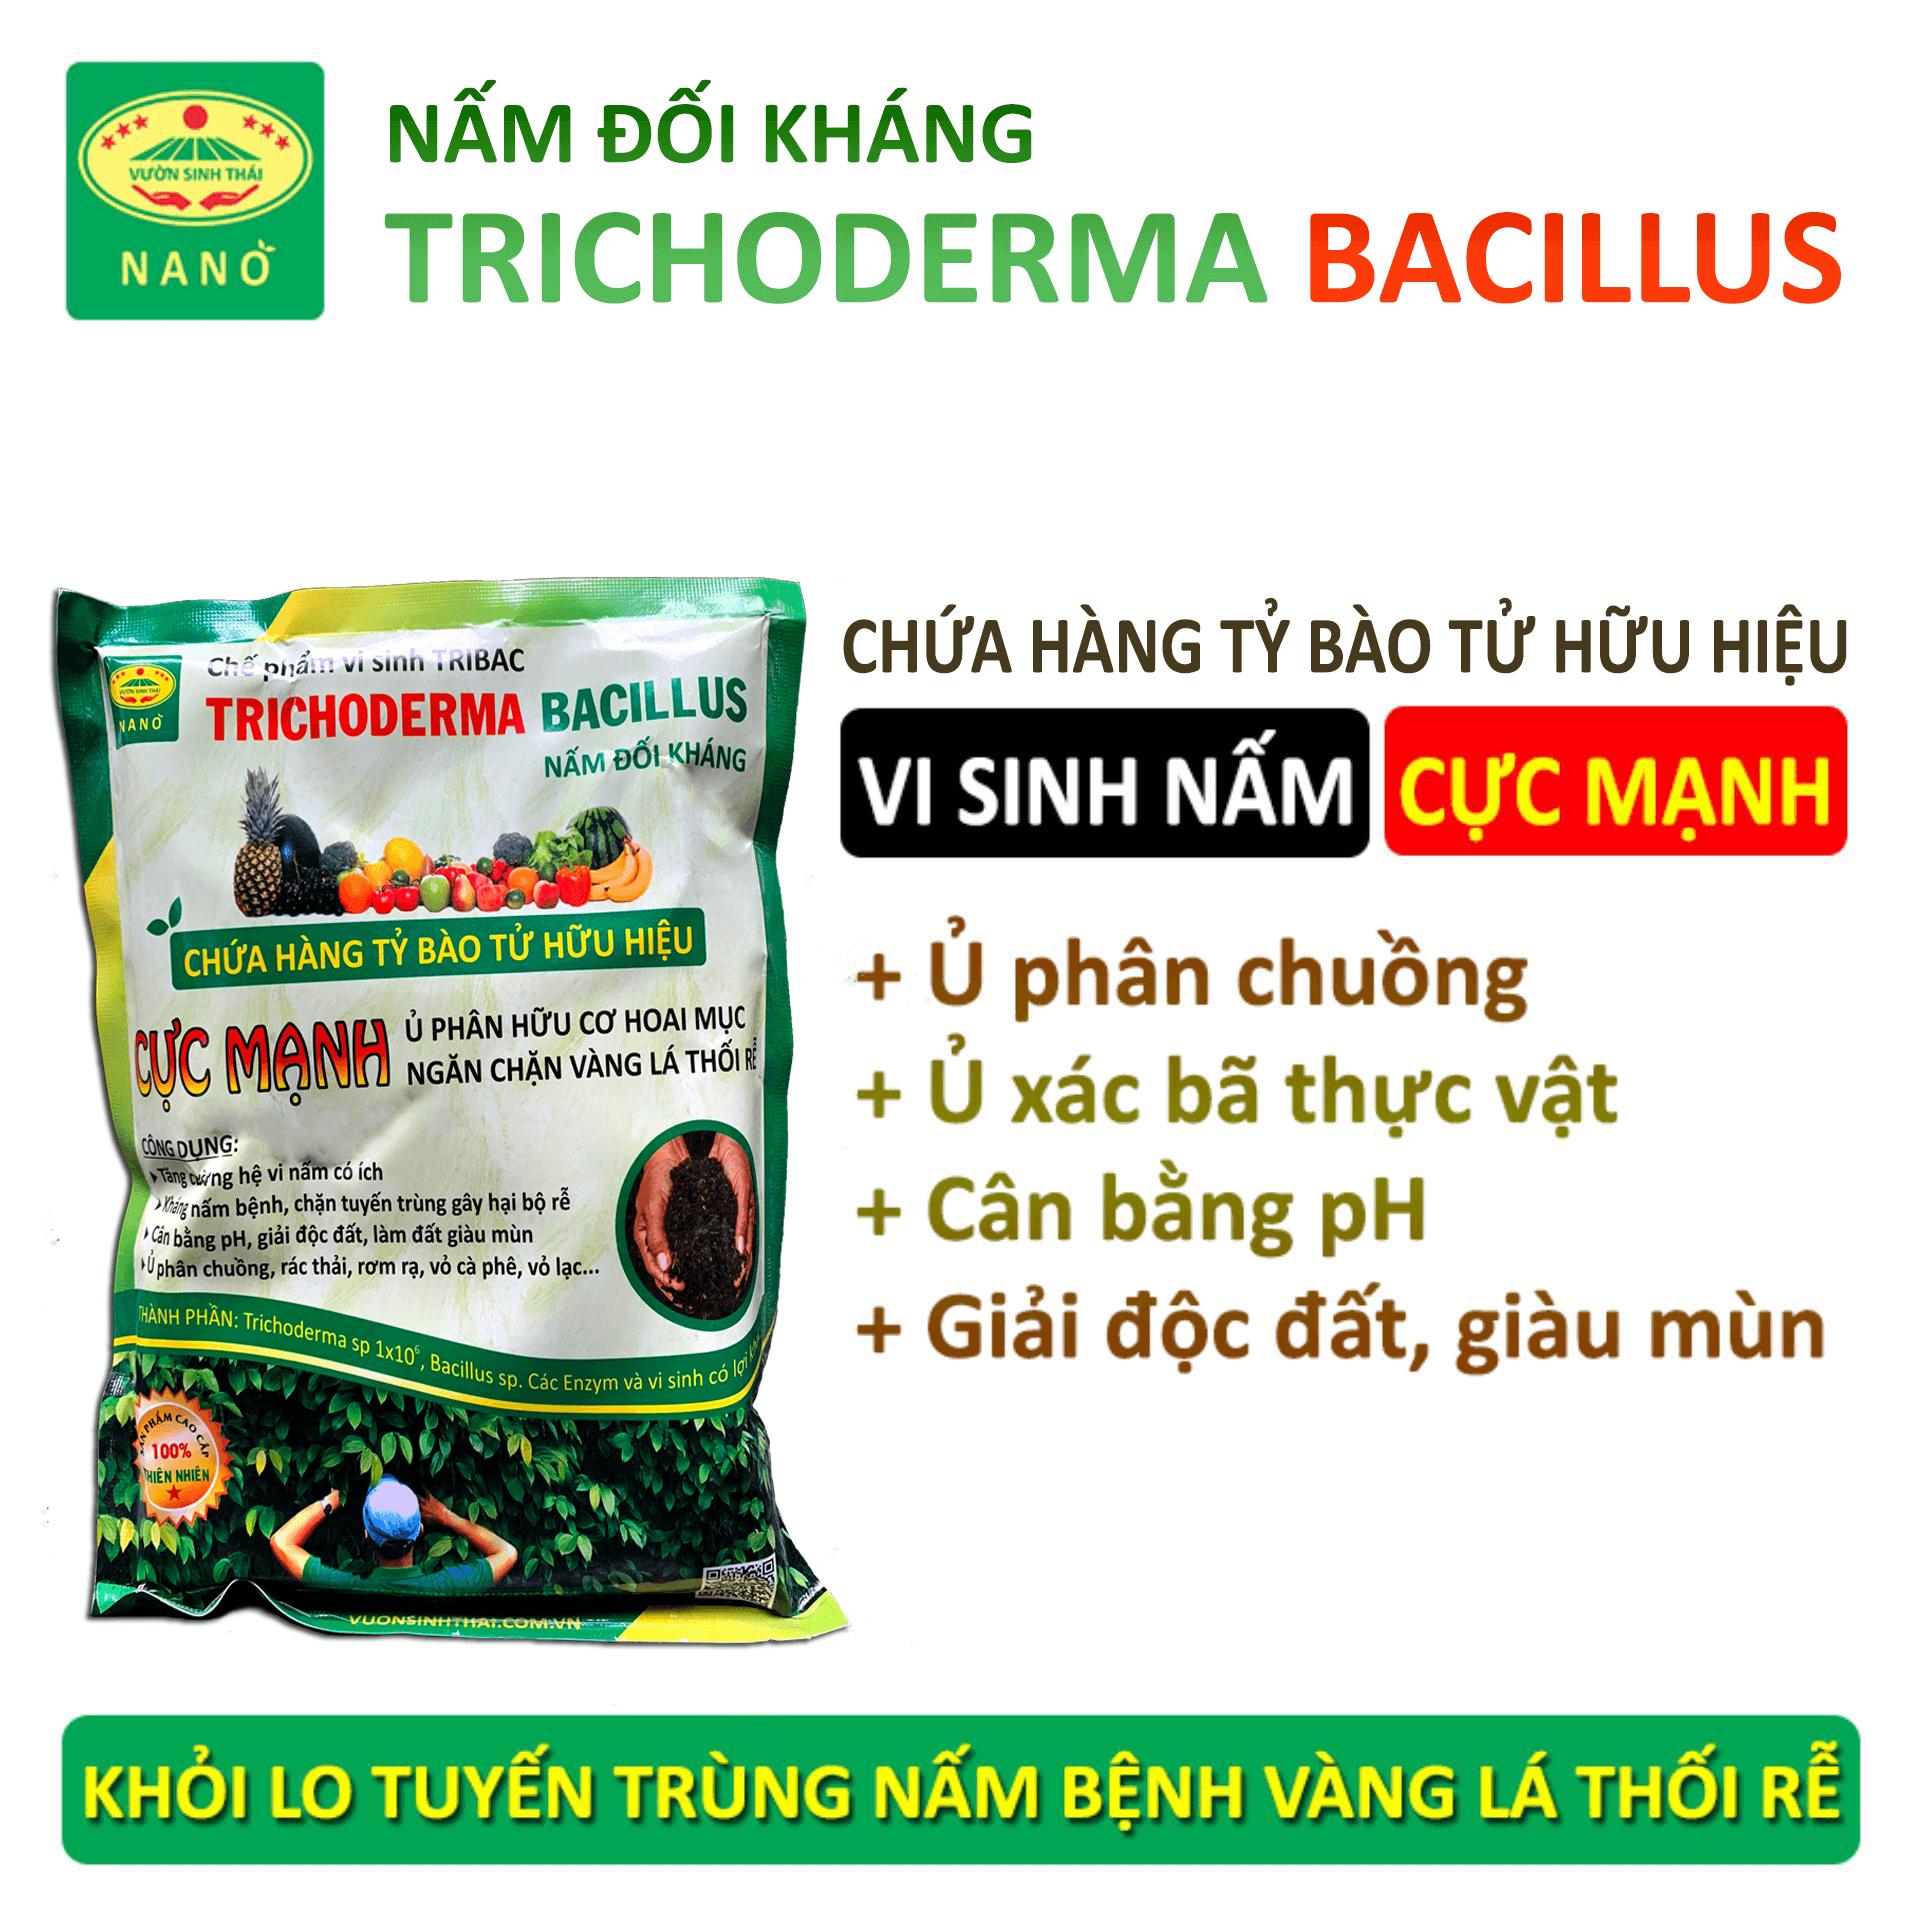 1kg Nấm đối kháng Trichoderma. Chế phẩm vi sinh TRIBAC. Ủ phân chuồng rác bã hữu cơ hoai mục không mùi hôi, làm phân bón. Ngăn chặn nấm bệnh gây thối rễ vàng lá. Hàng chính hãng. Mới nhất. HSD: 2 năm